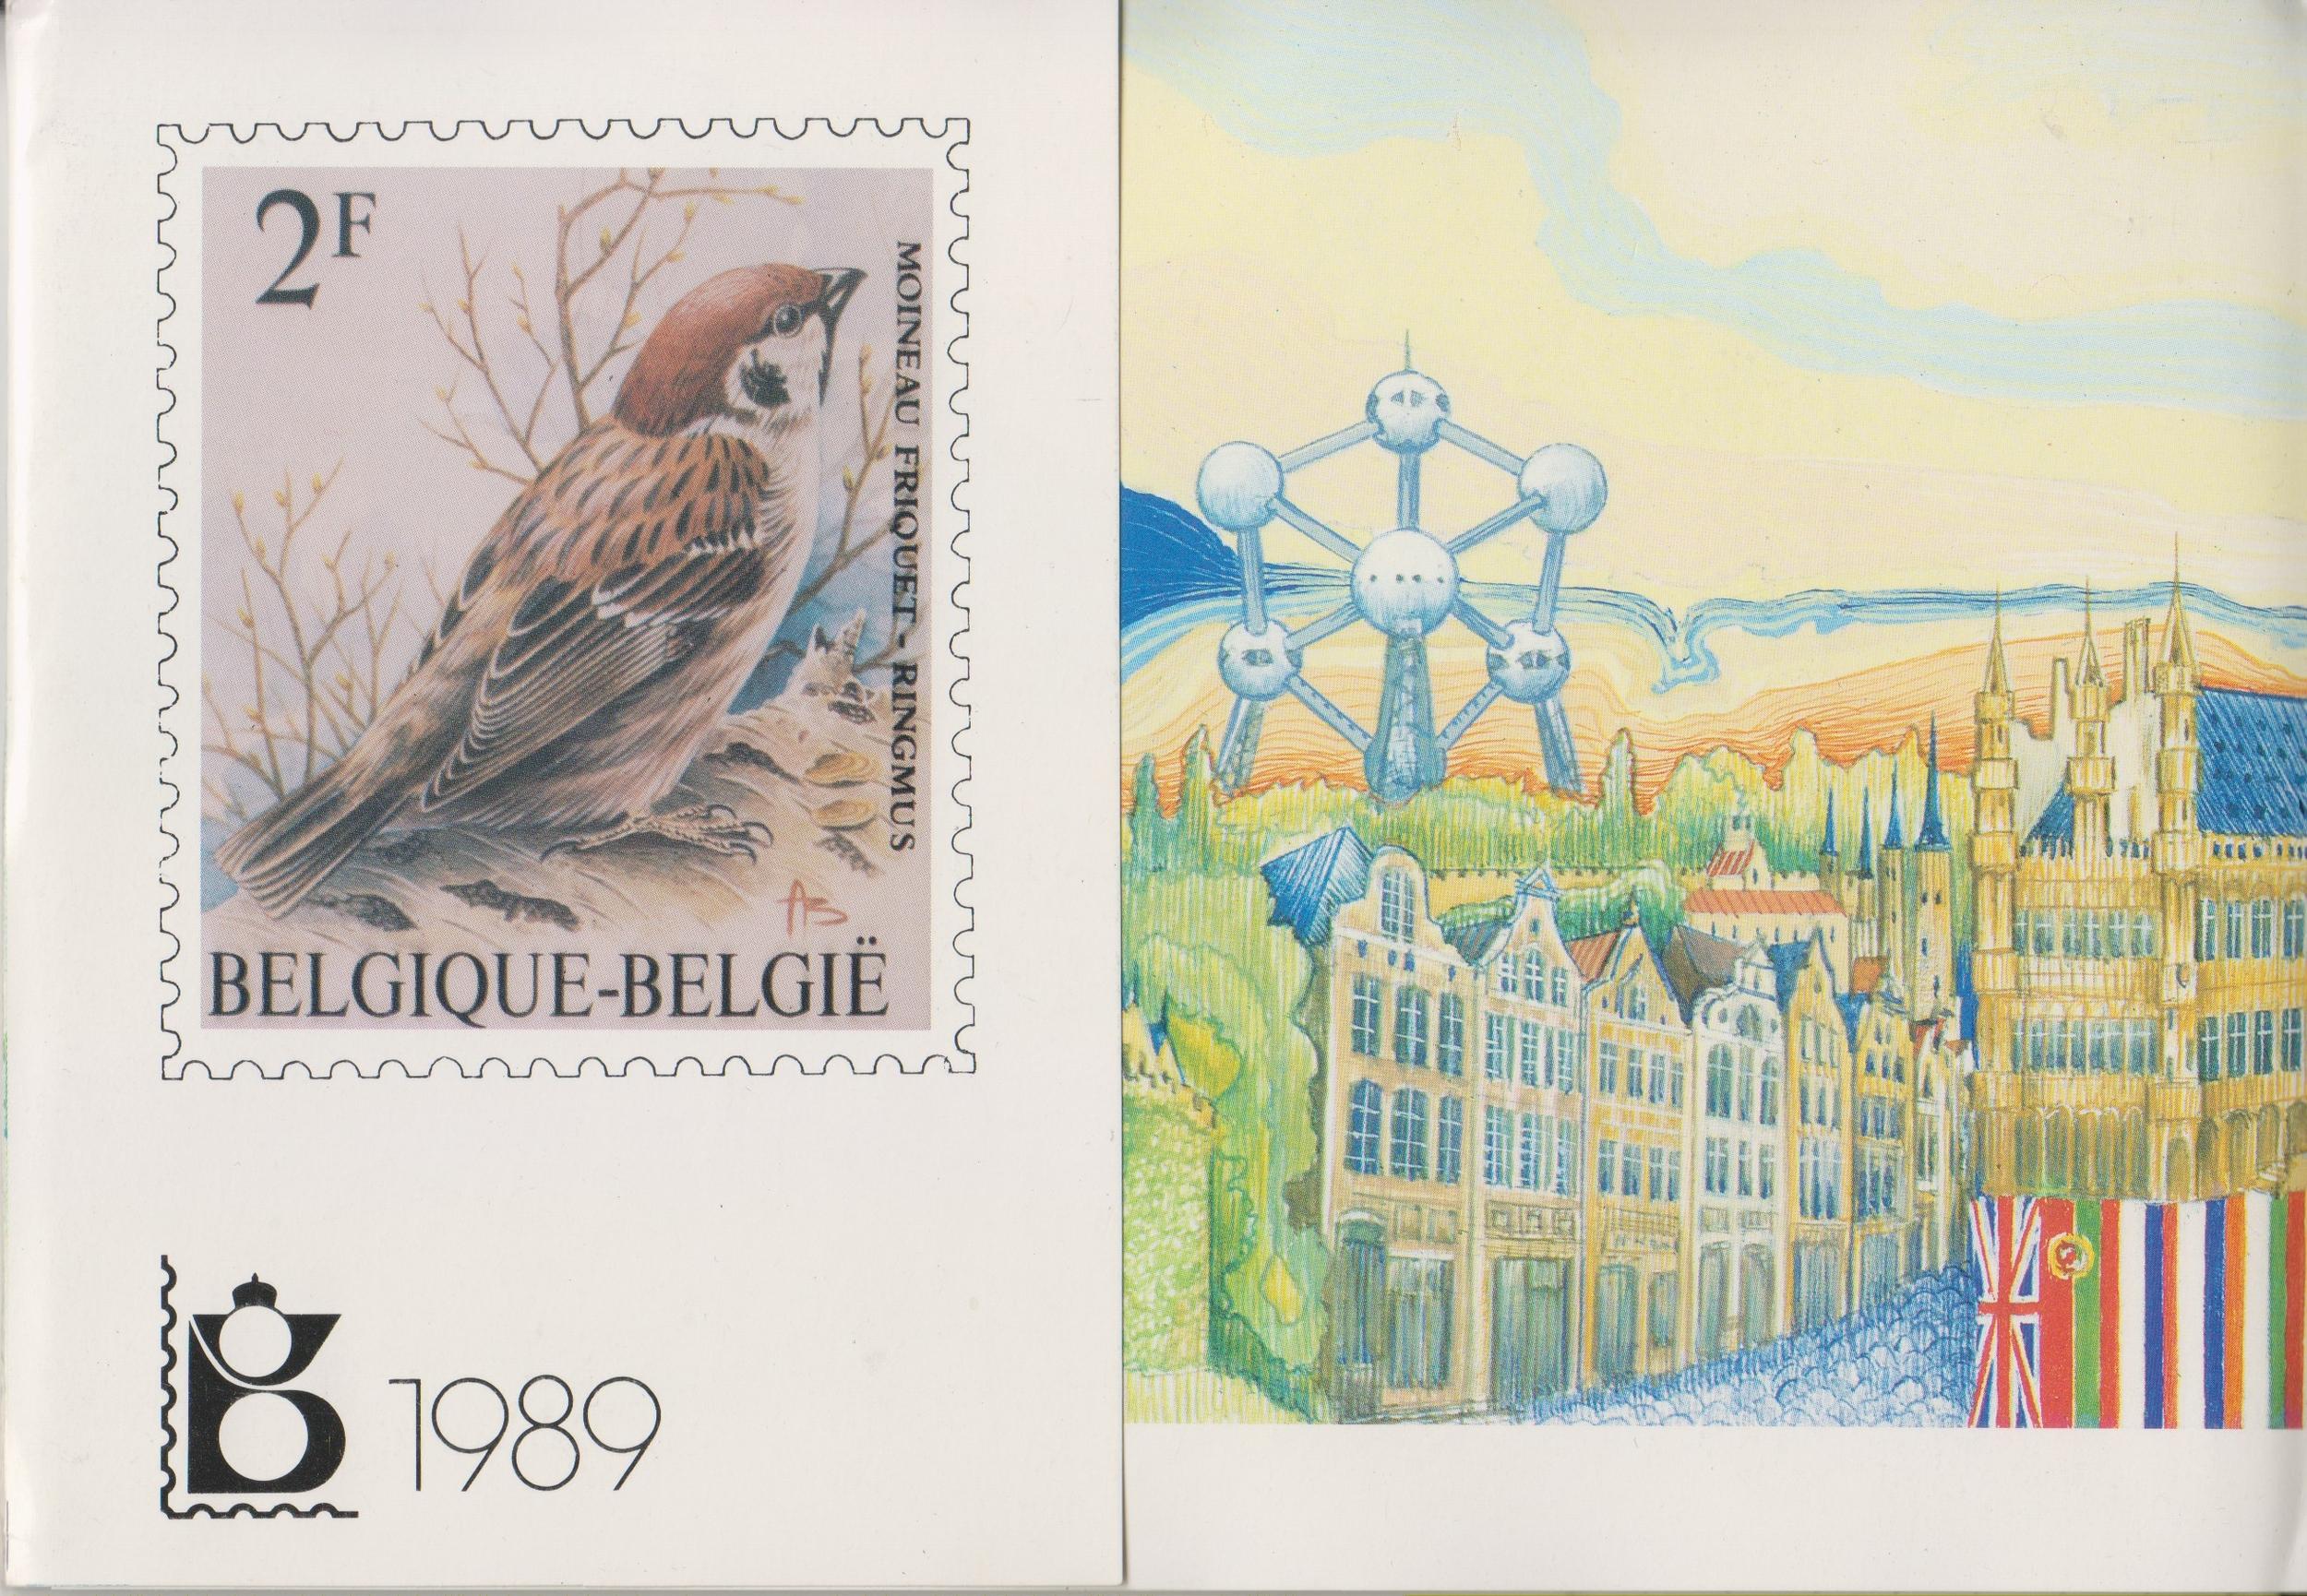 Belgique - Année complète neuve ** en livret de la poste - 1989 - Cote €62.50